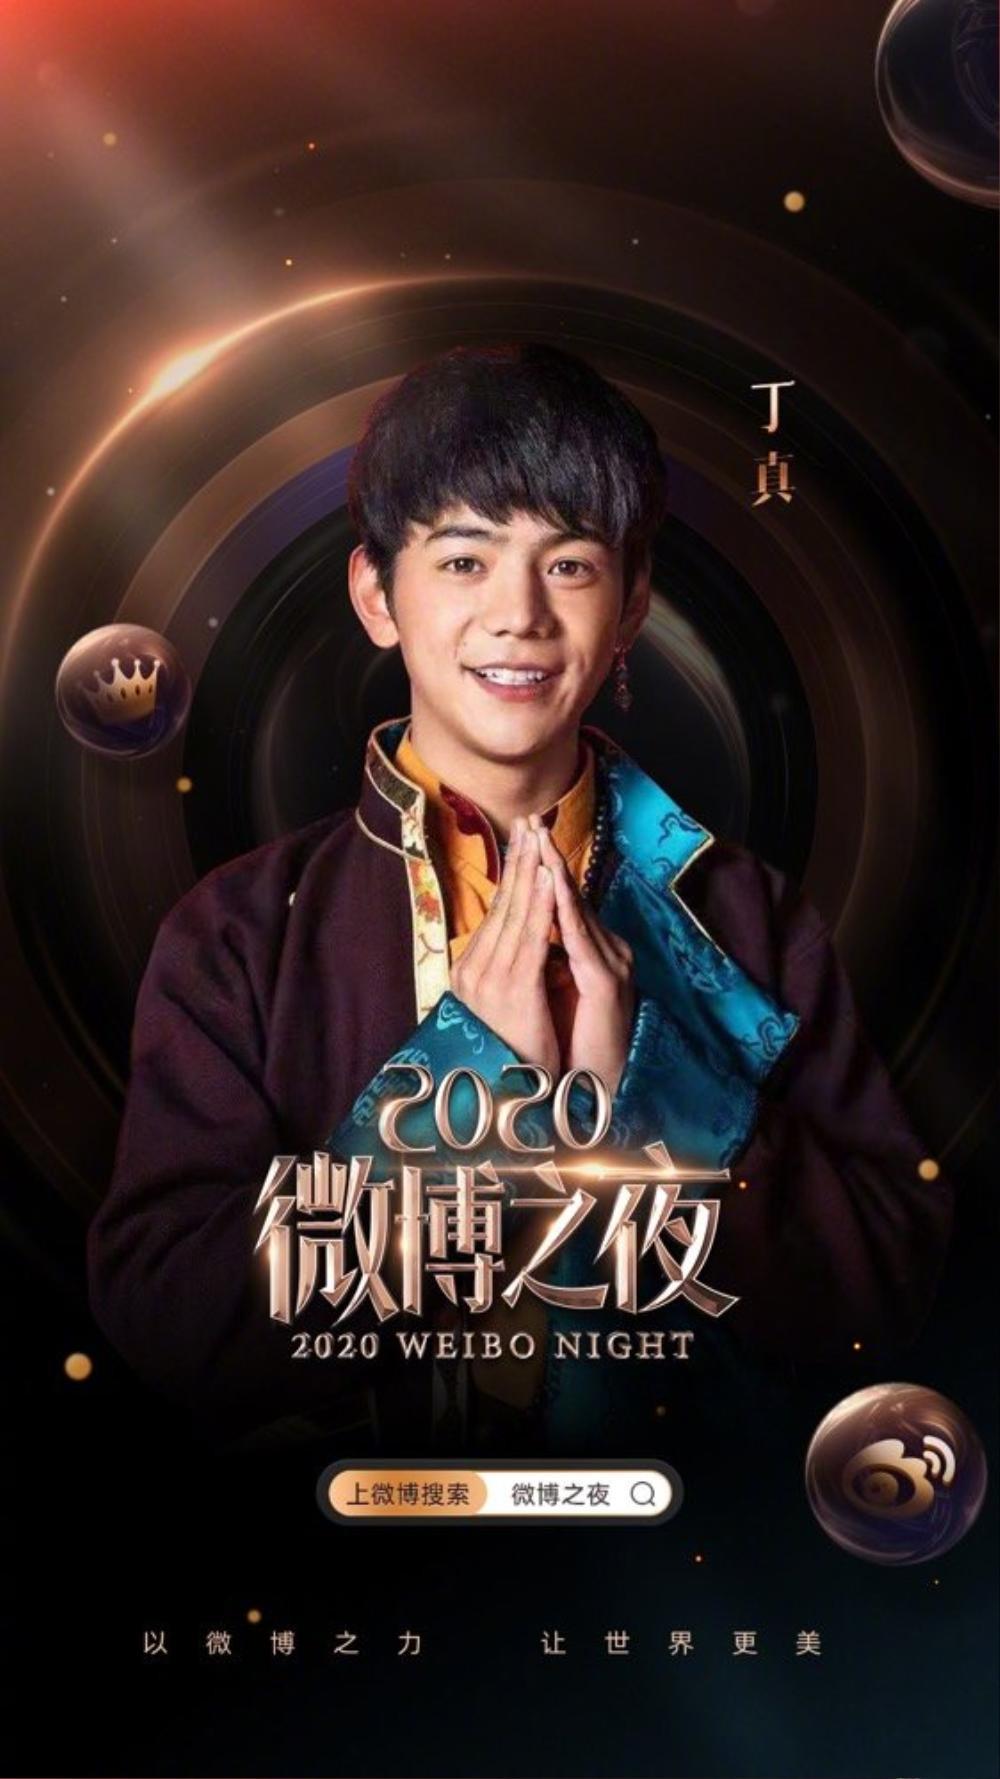 Đinh Chân 'áp đảo' Tiêu Chiến, Hoa Thần Vũ và các sao khác khi được đặc cách trong 'Đêm hội Weibo' Ảnh 5